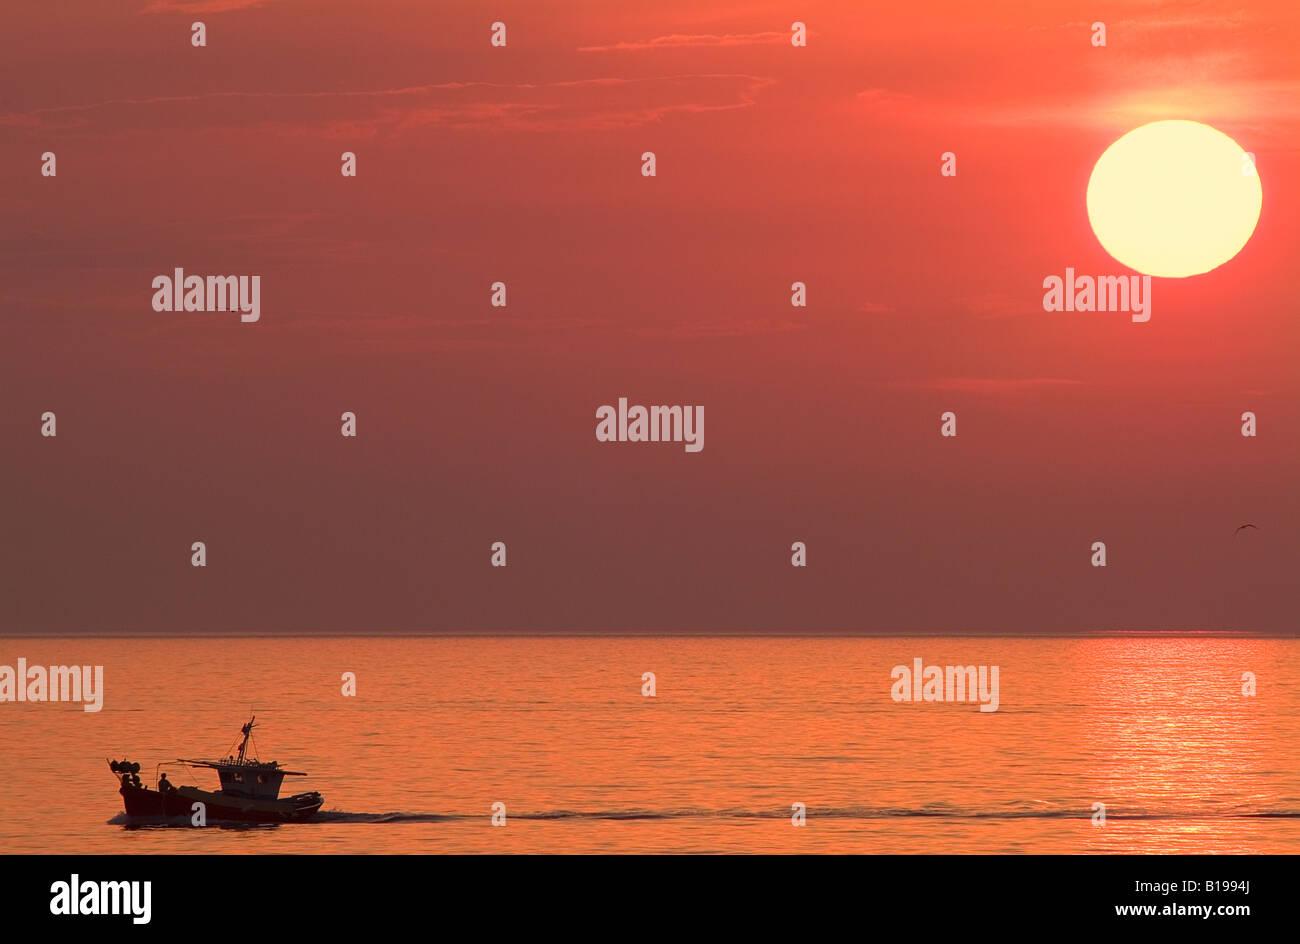 Angelboot/Fischerboot bei Sonnenuntergang, Ägäis, Insel Mykonos, Kykladen, Griechenland. Stockbild